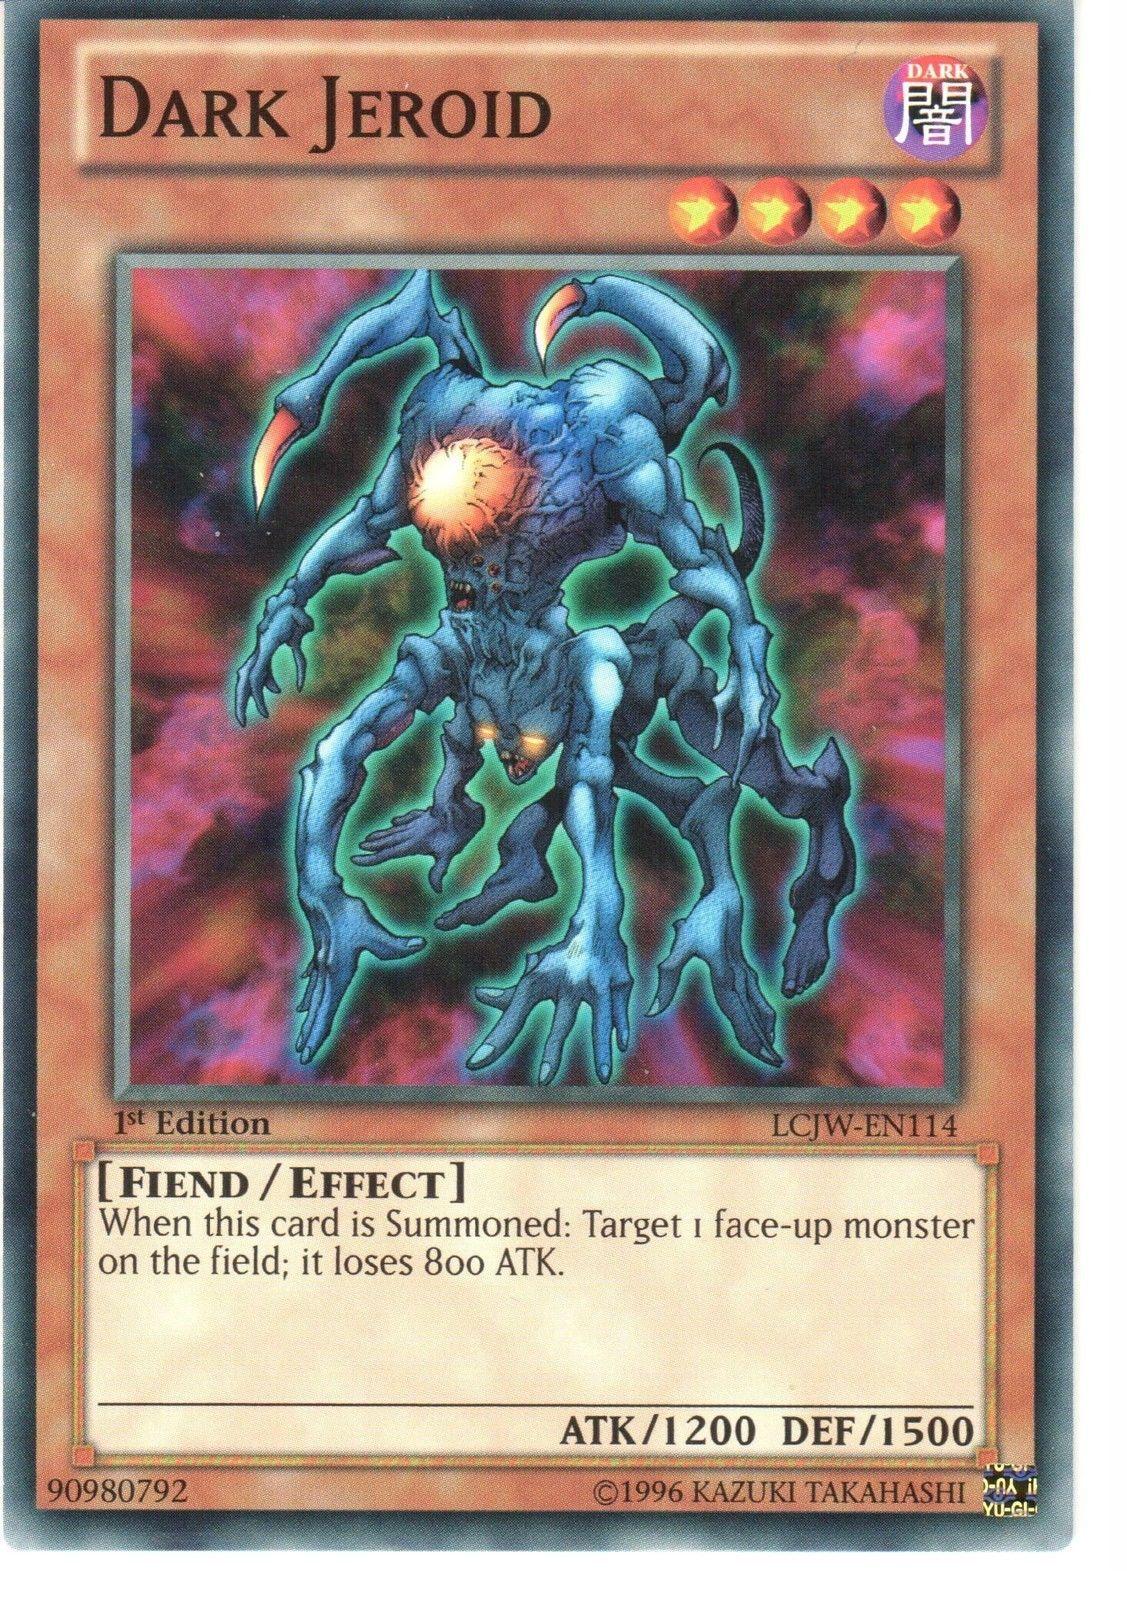 Copy Plant Yugioh Card Genuine Yu-Gi-Oh Trading Card